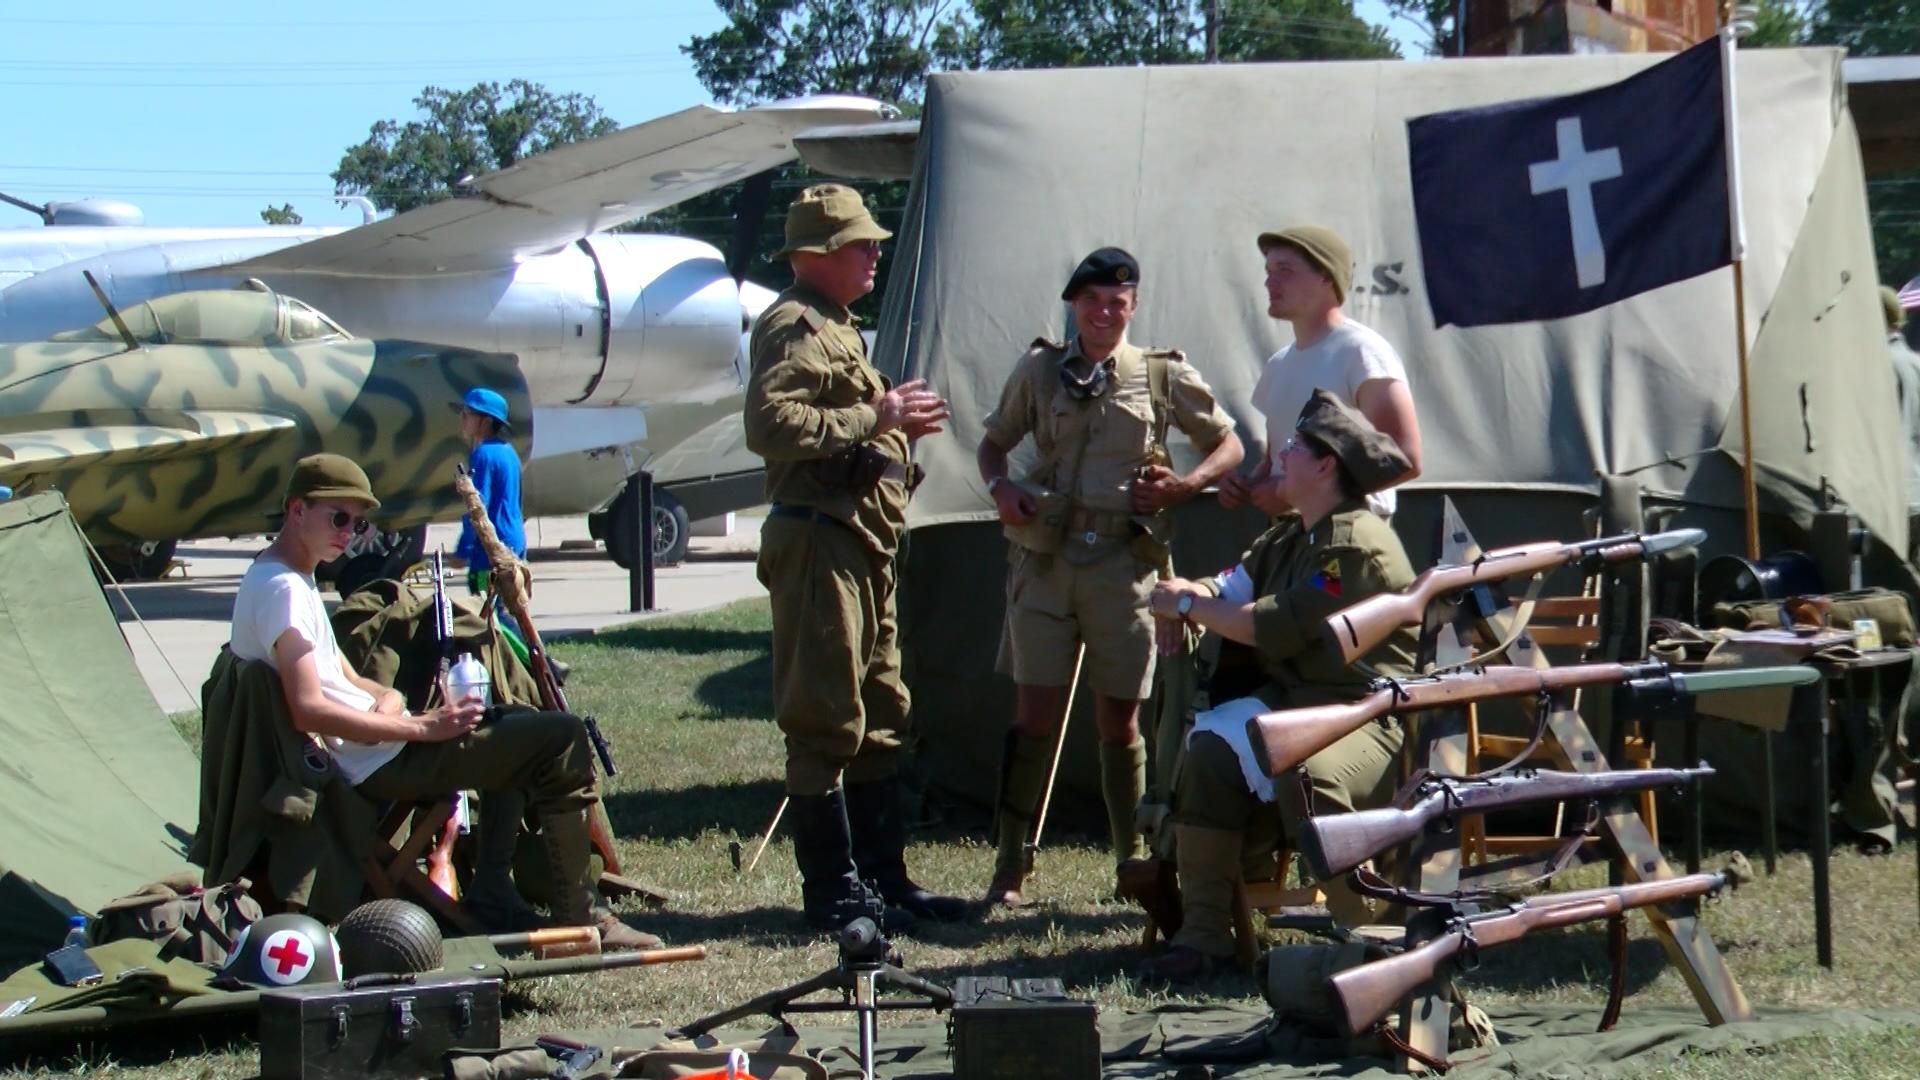 IMM Salute to Veterans_1504391035718.jpg